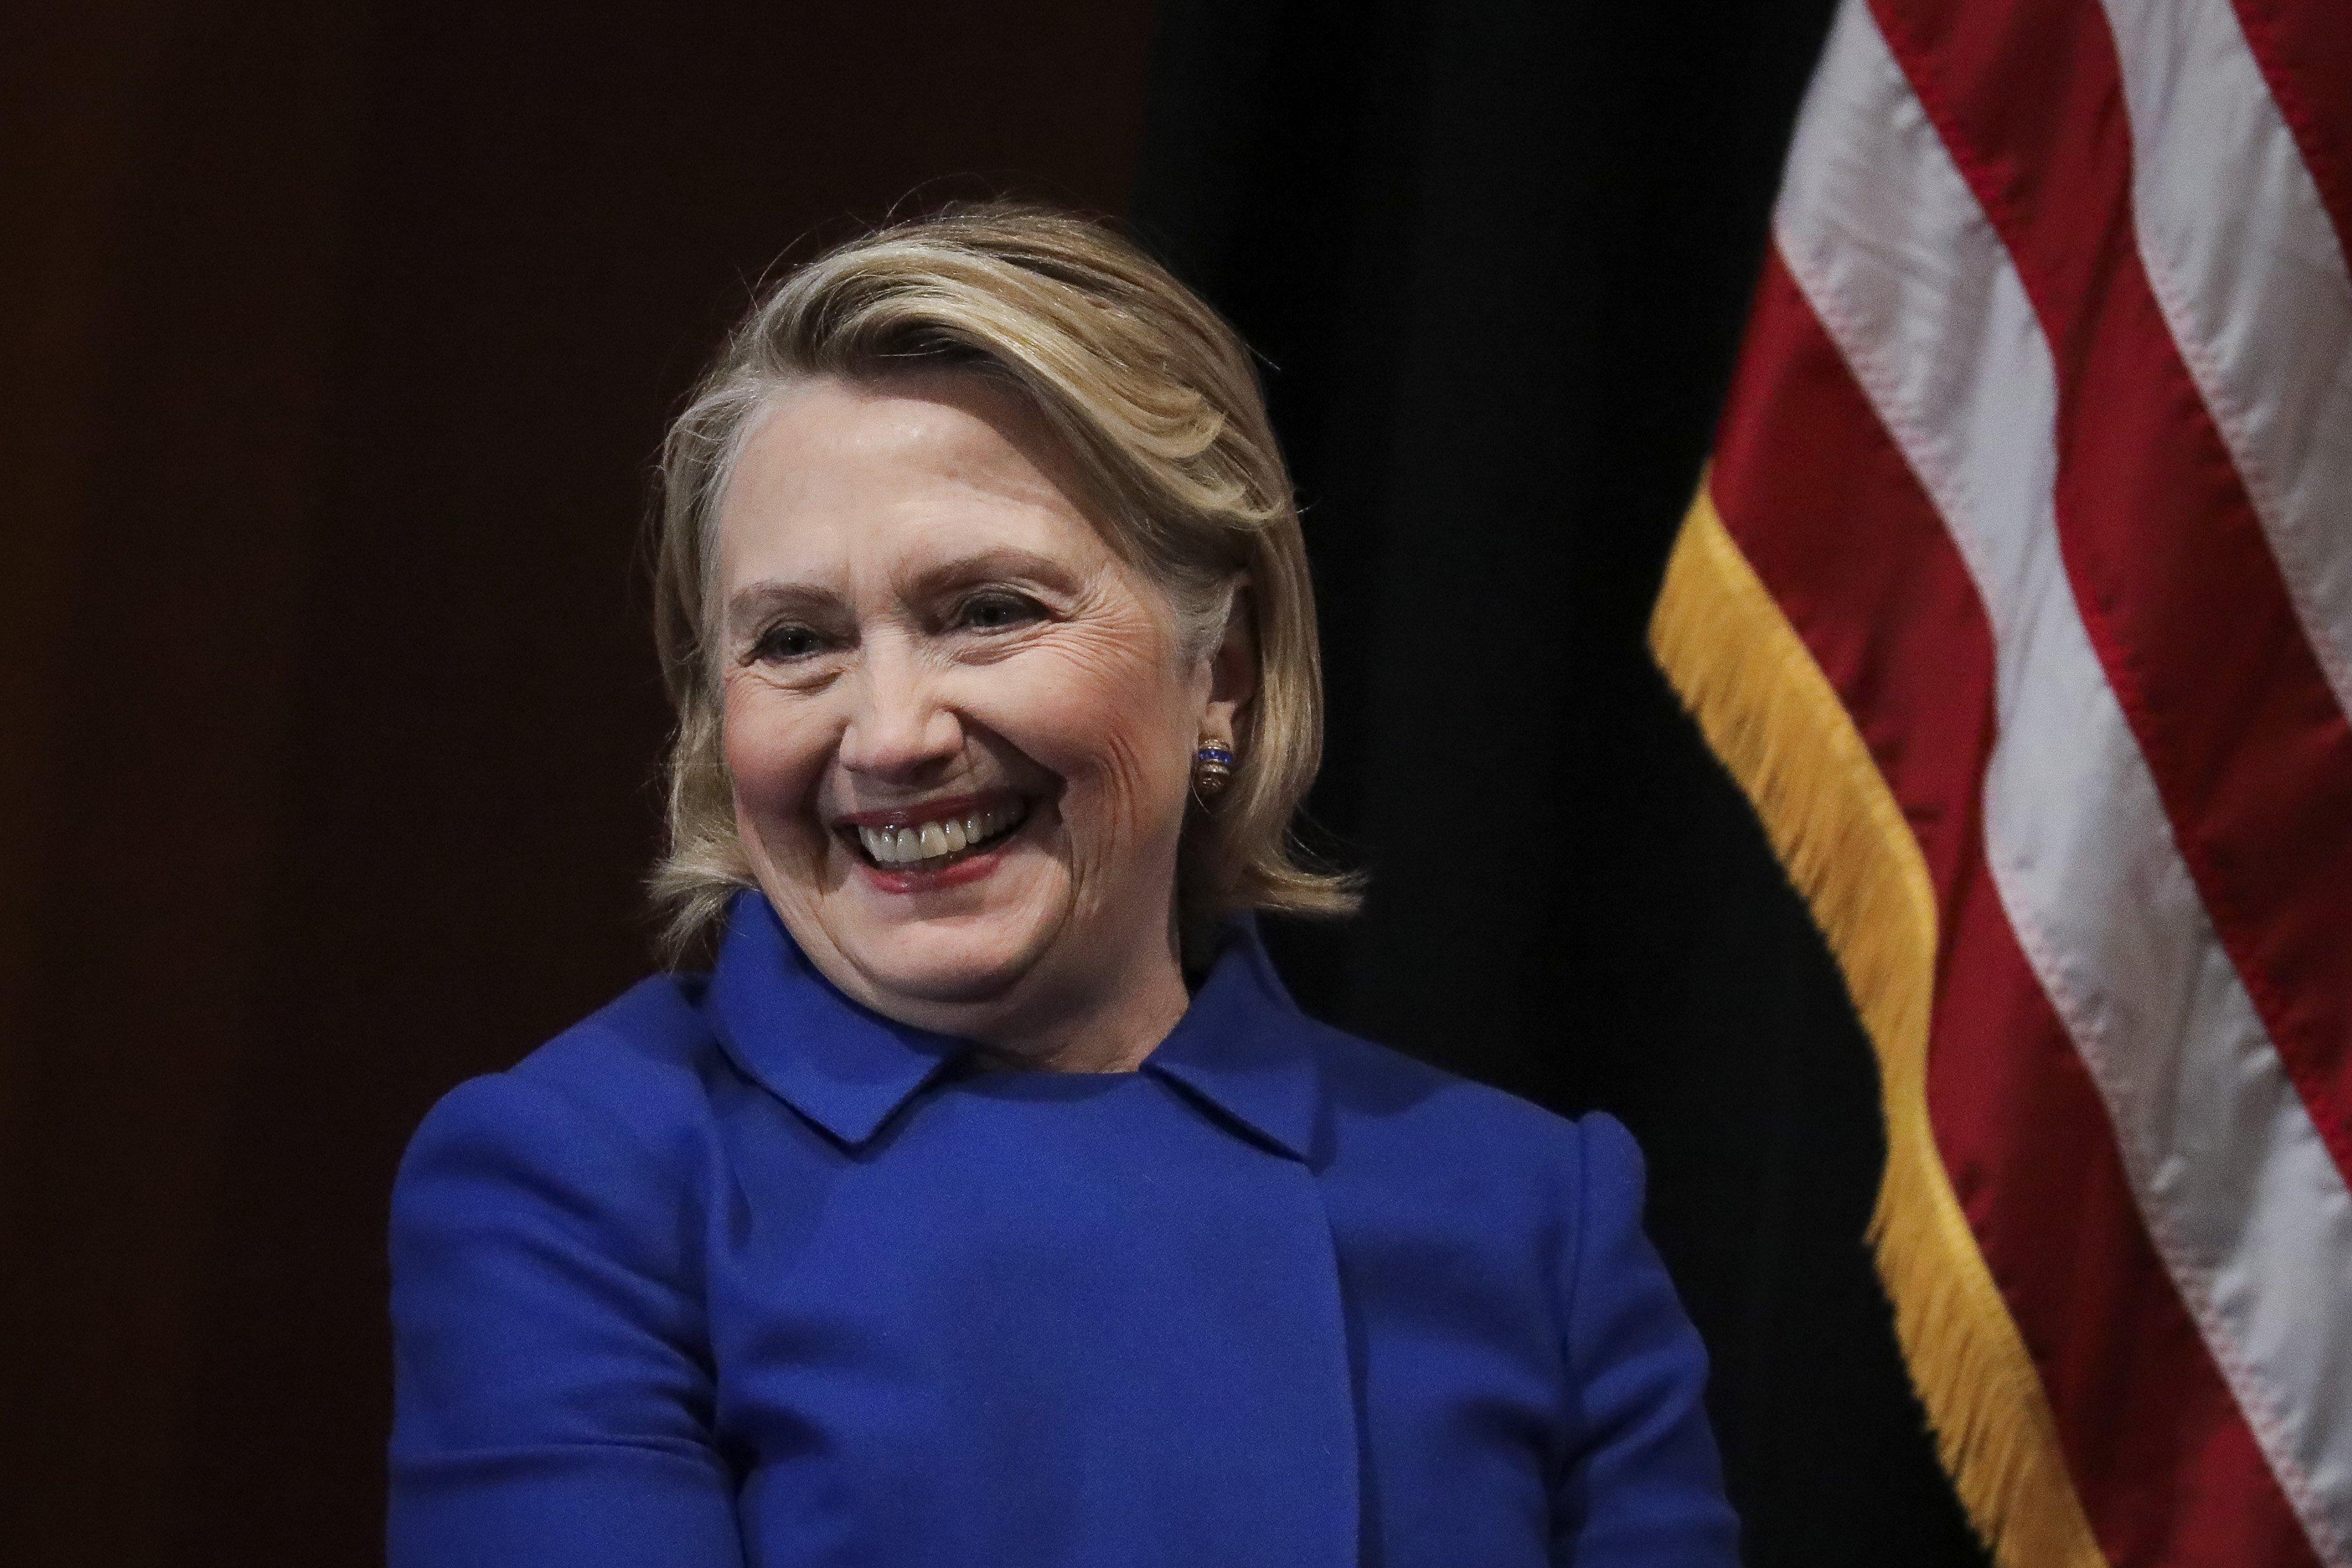 Hillary Clinton, una político y ex primera dama. | Photo: Getty Images